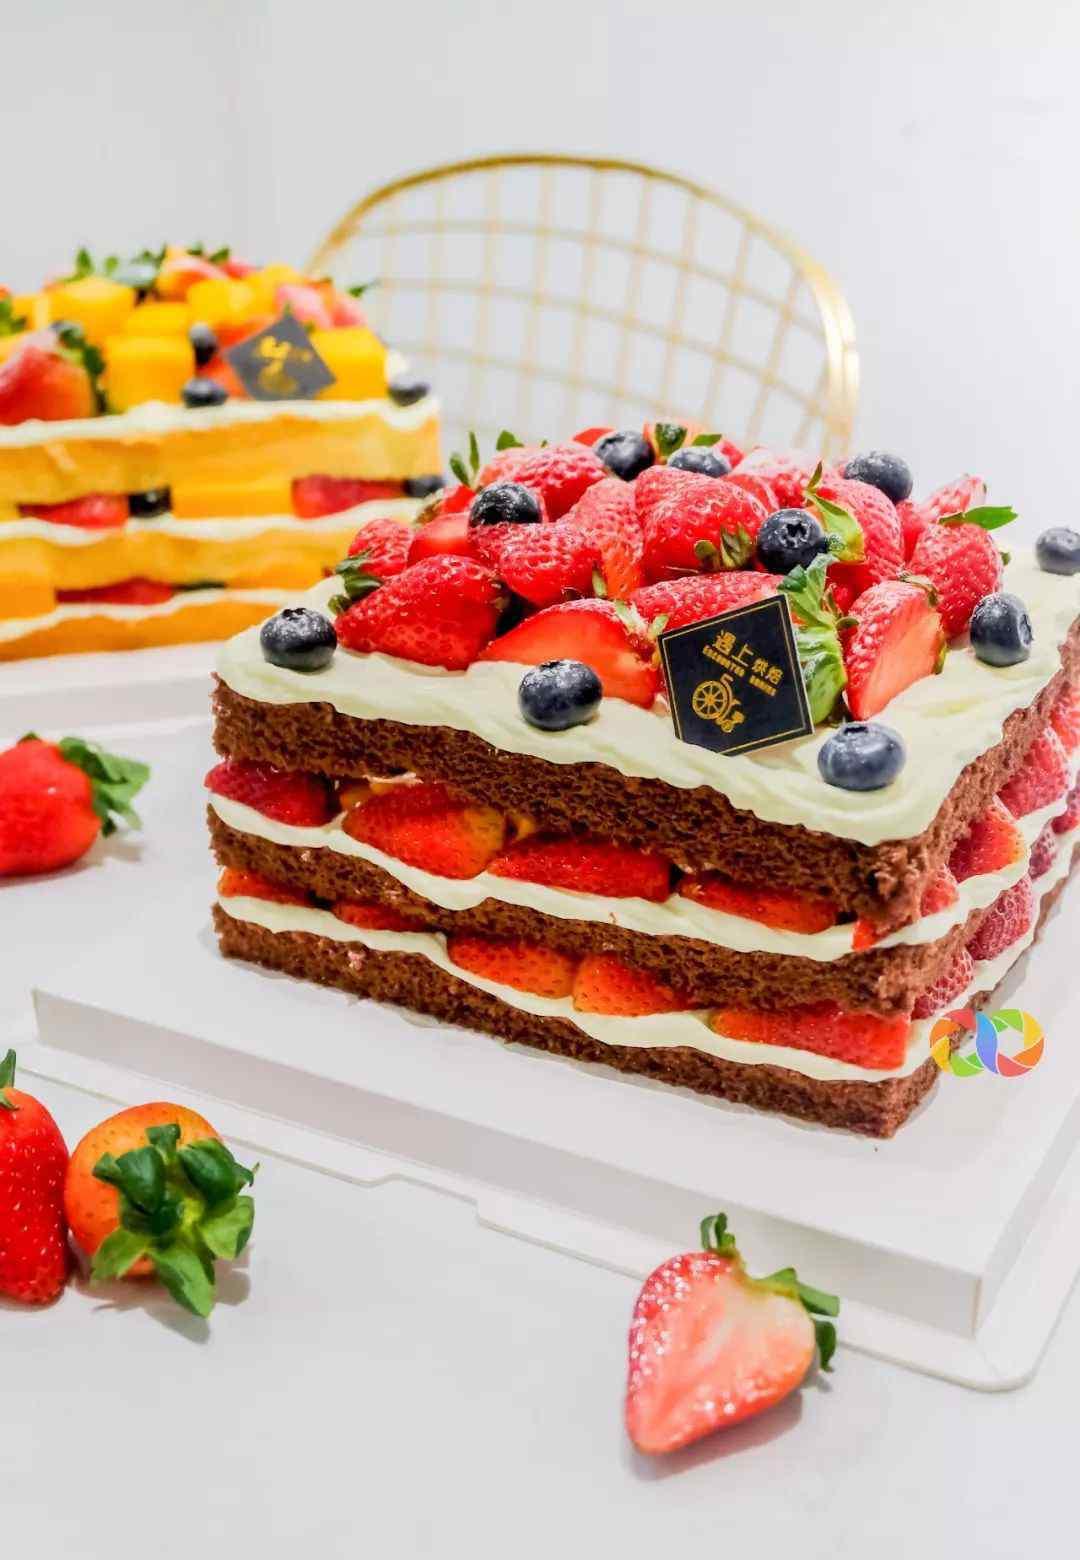 """珠海蛋糕diy 刷新水果蛋糕新纪录 珠海这家手作蛋糕 款款都是""""水果炸弹"""""""